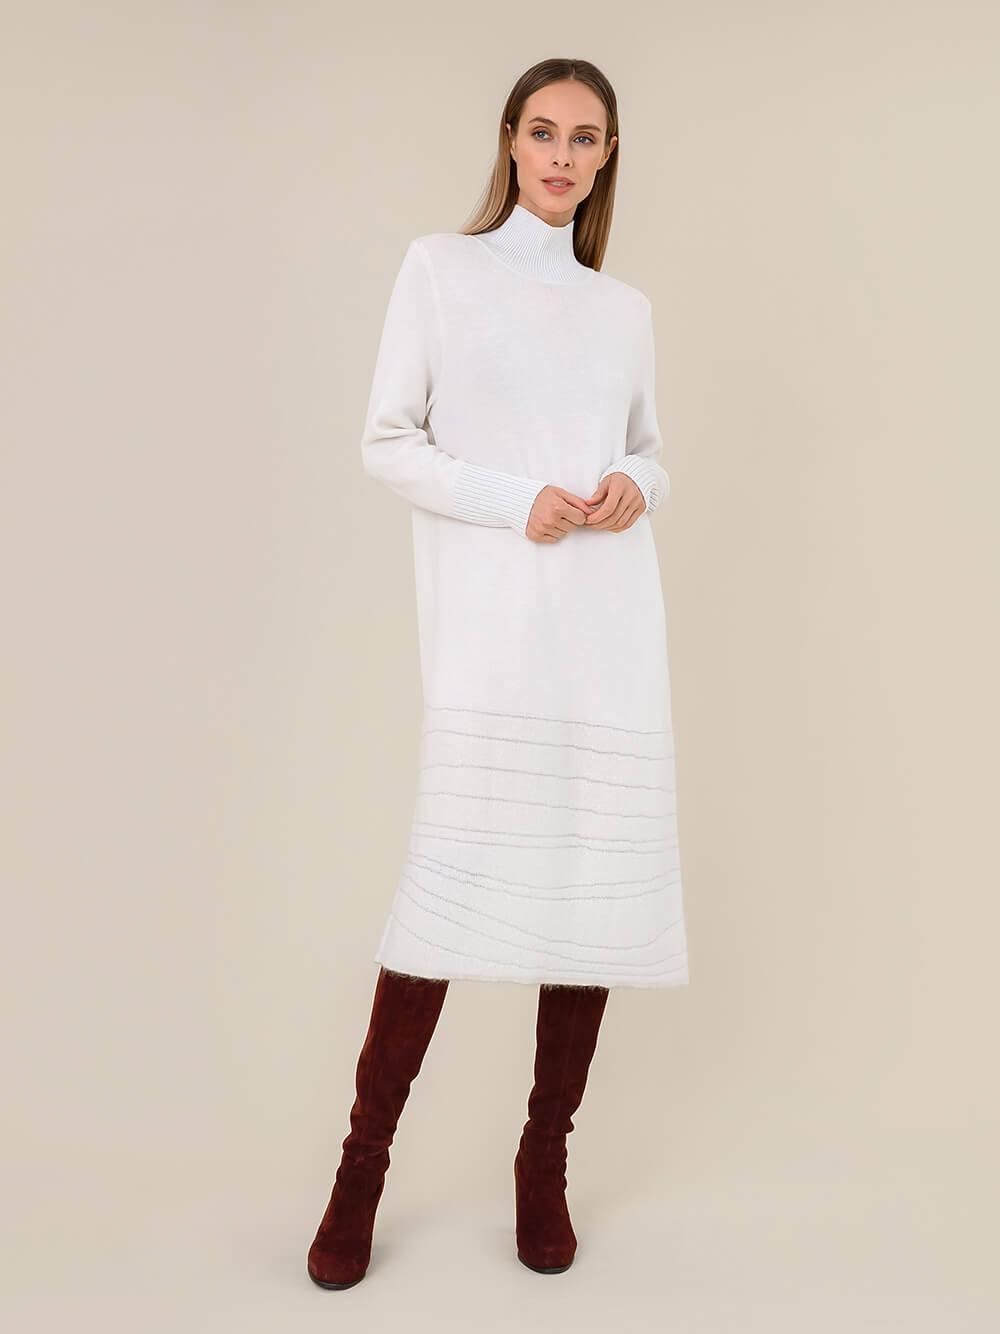 Женское платье молочного цвета из мохера и вискозы - фото 1